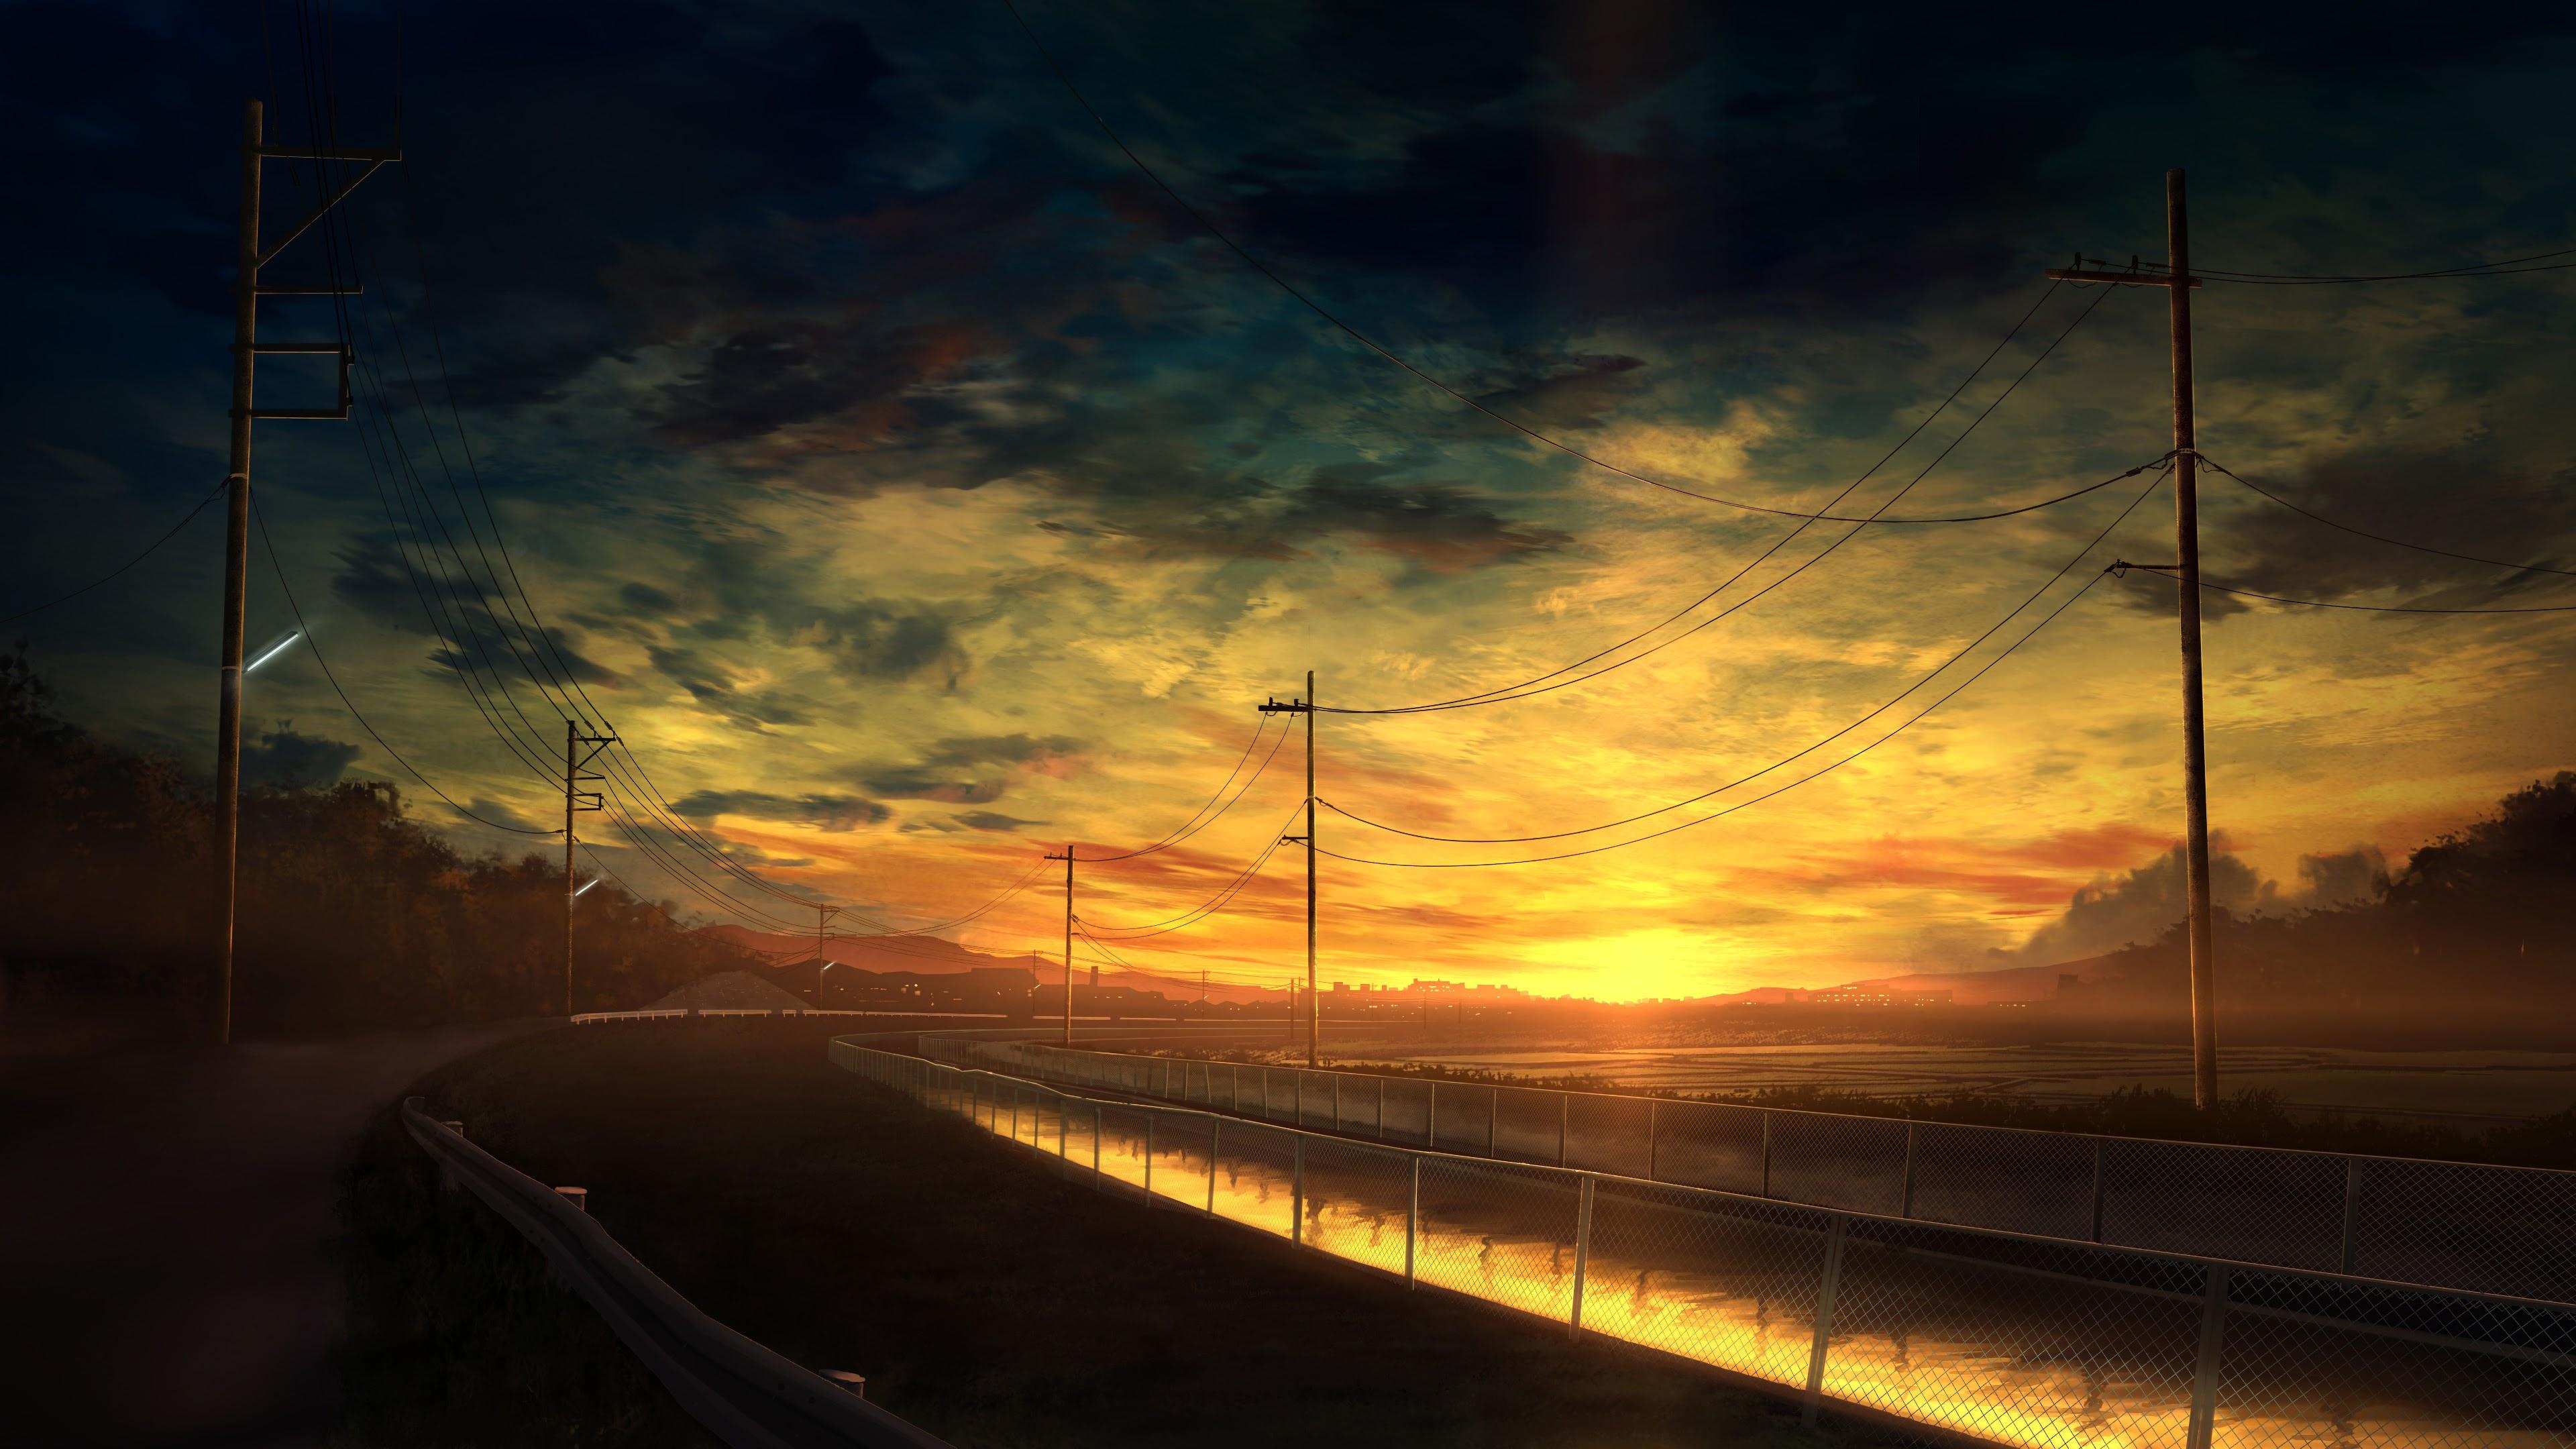 Anime, Scenery, Sunset, Landscape, 4K, 3840x2160, #44 ...